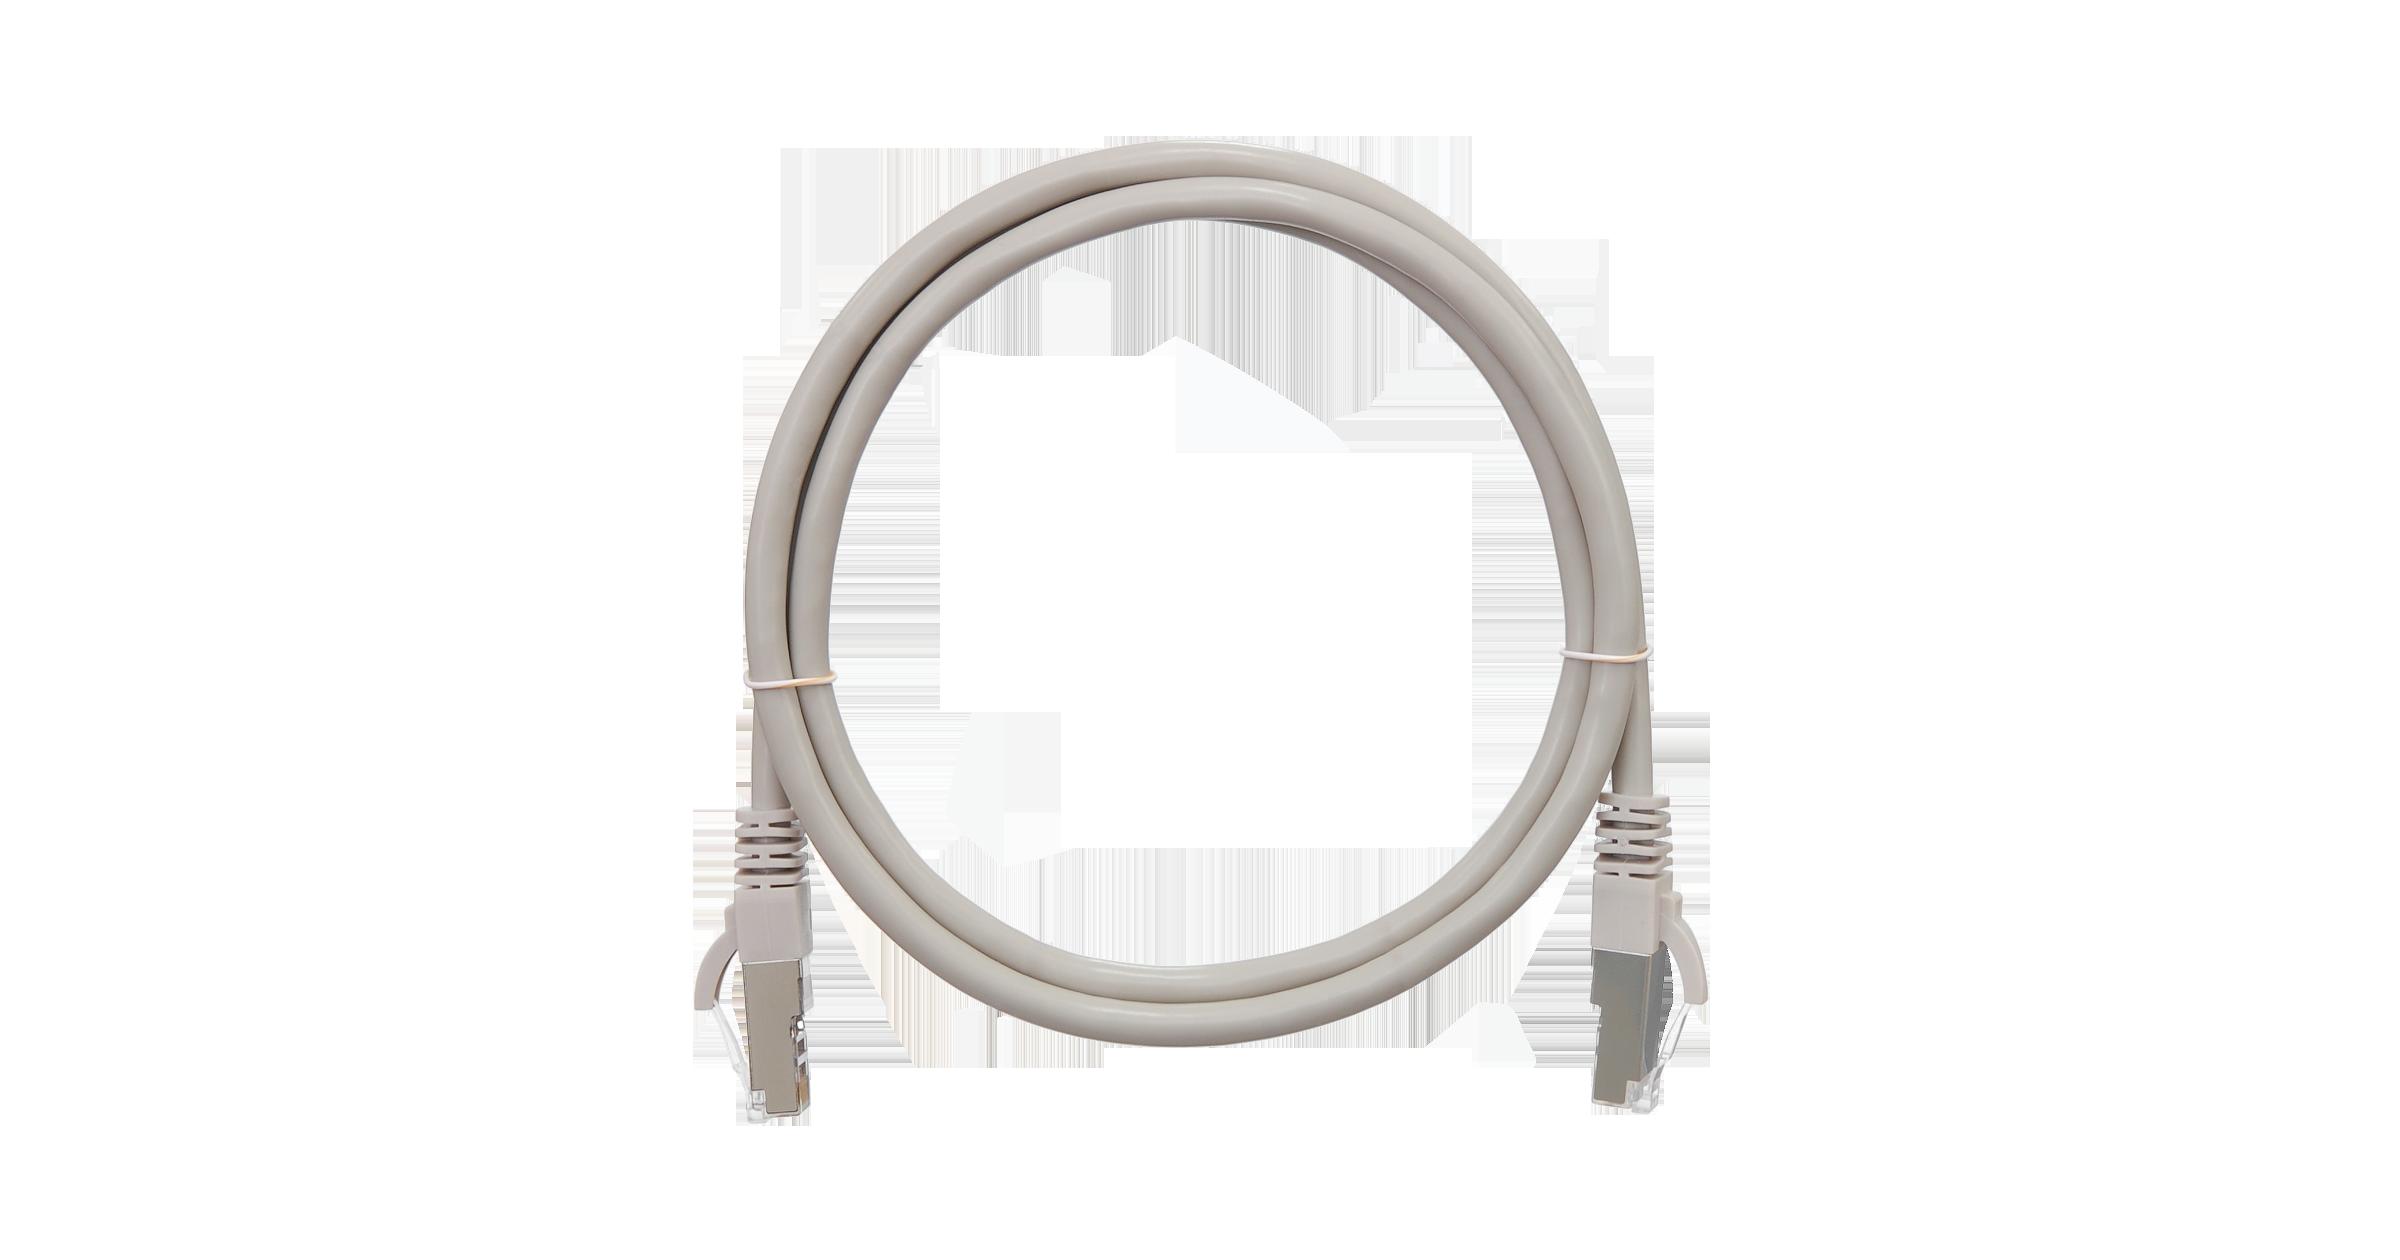 Коммутационный шнур NIKOMAX NMC-PC4SD55B-100-GY F/UTP 4 пары, Кат.5е (Класс D), PVC нг(А), 10м